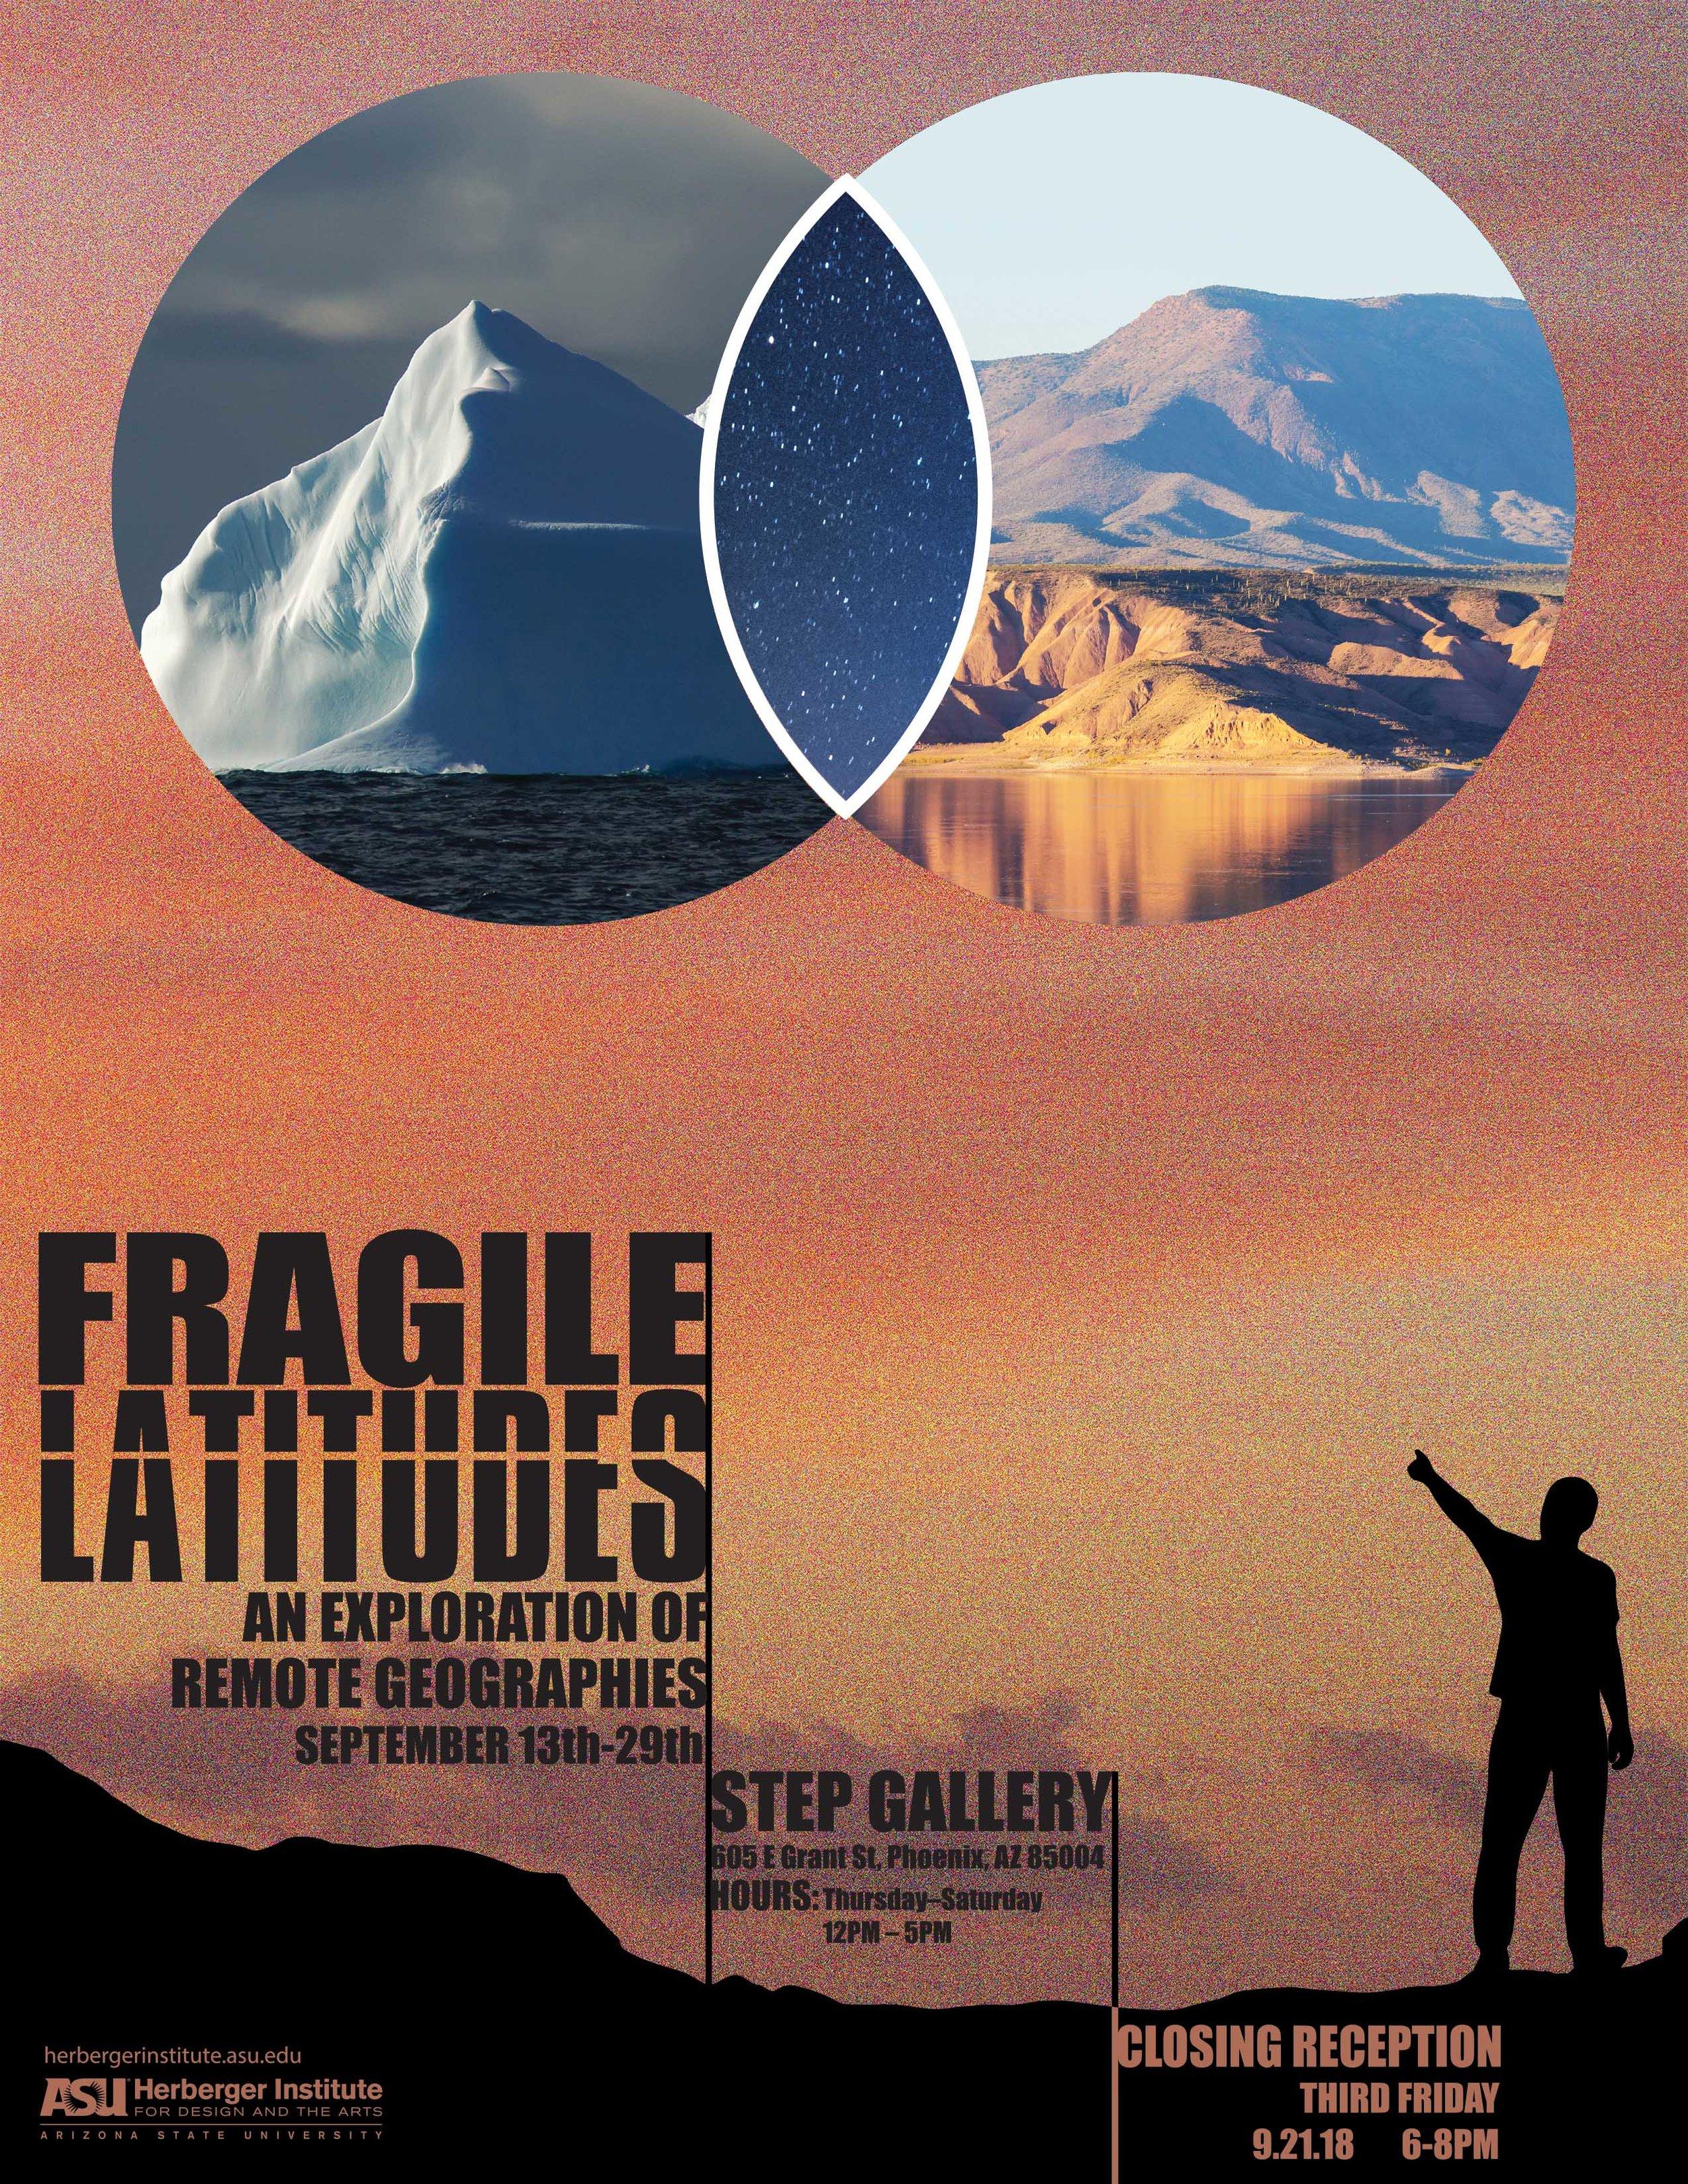 fragilelatitudesweb.jpg